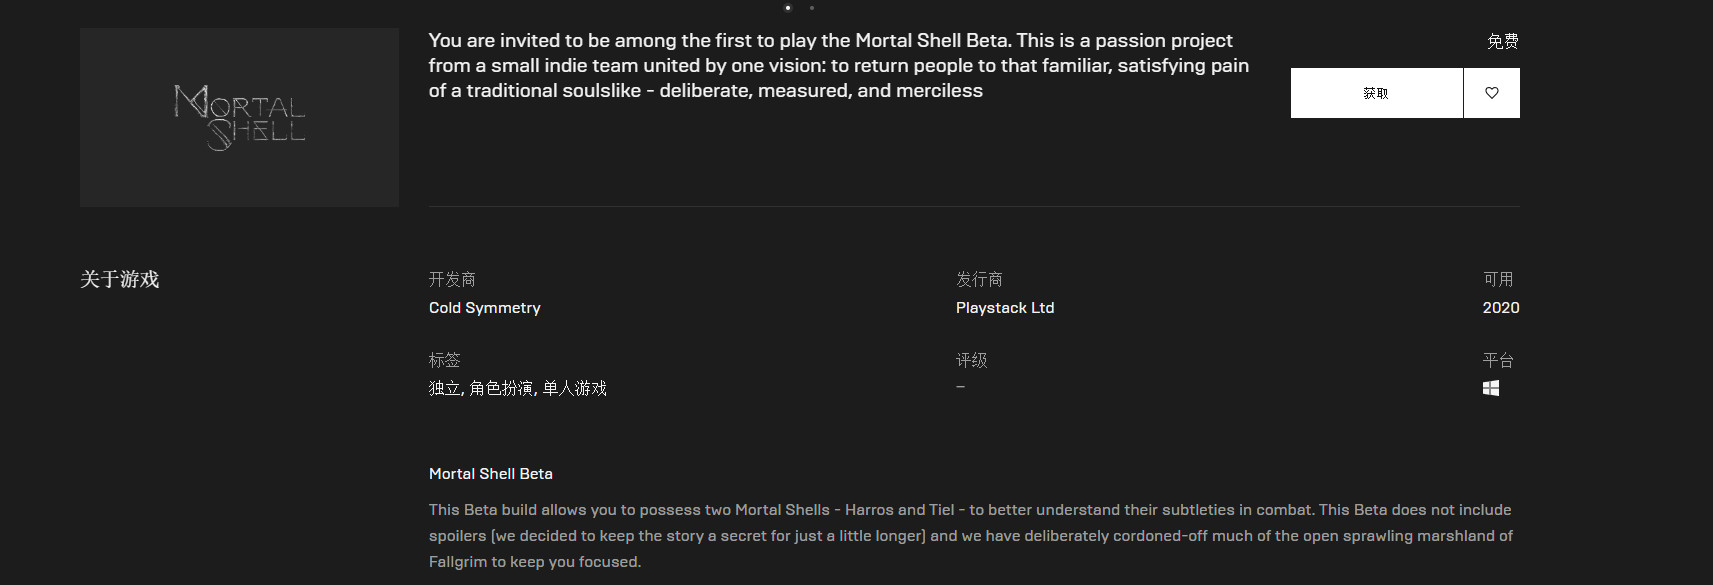 《致命躯壳》免费BETA现已上架Epic 所有人都可下